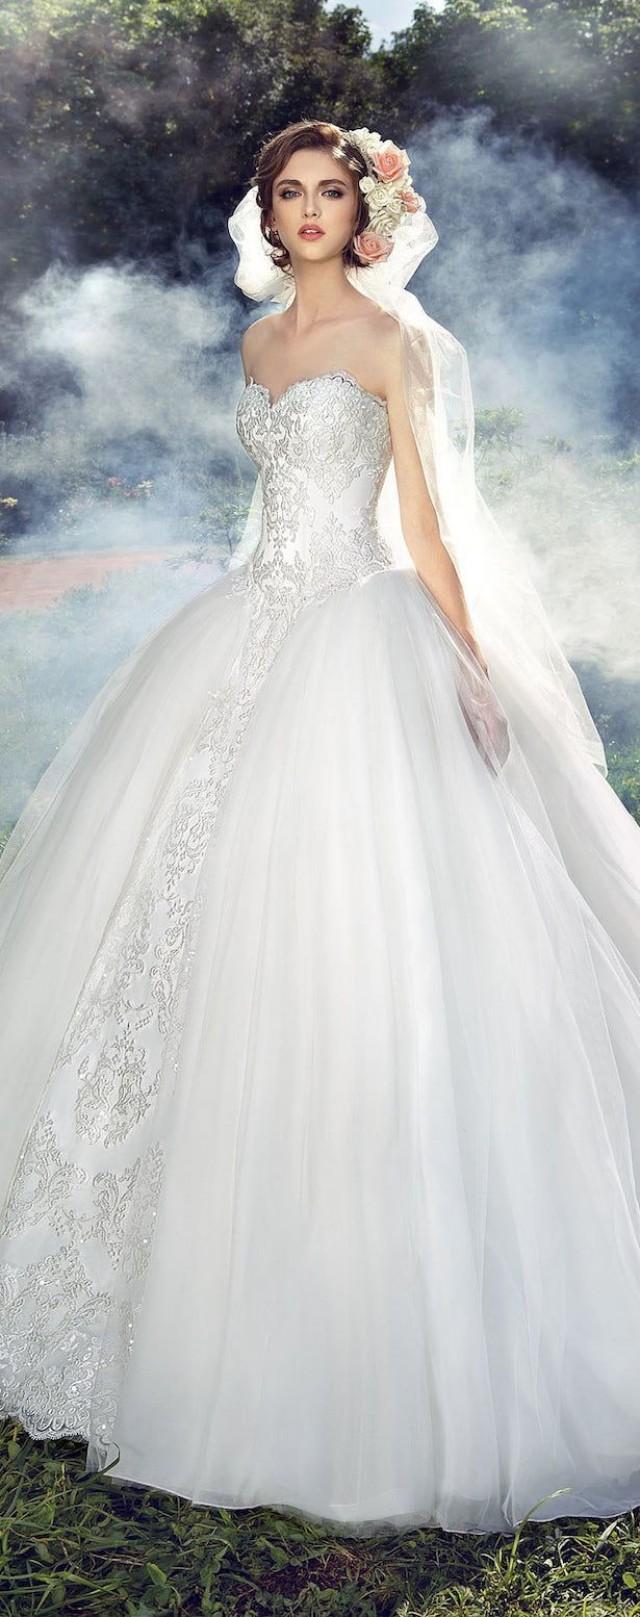 Fairy Wedding #3 - Weddbook